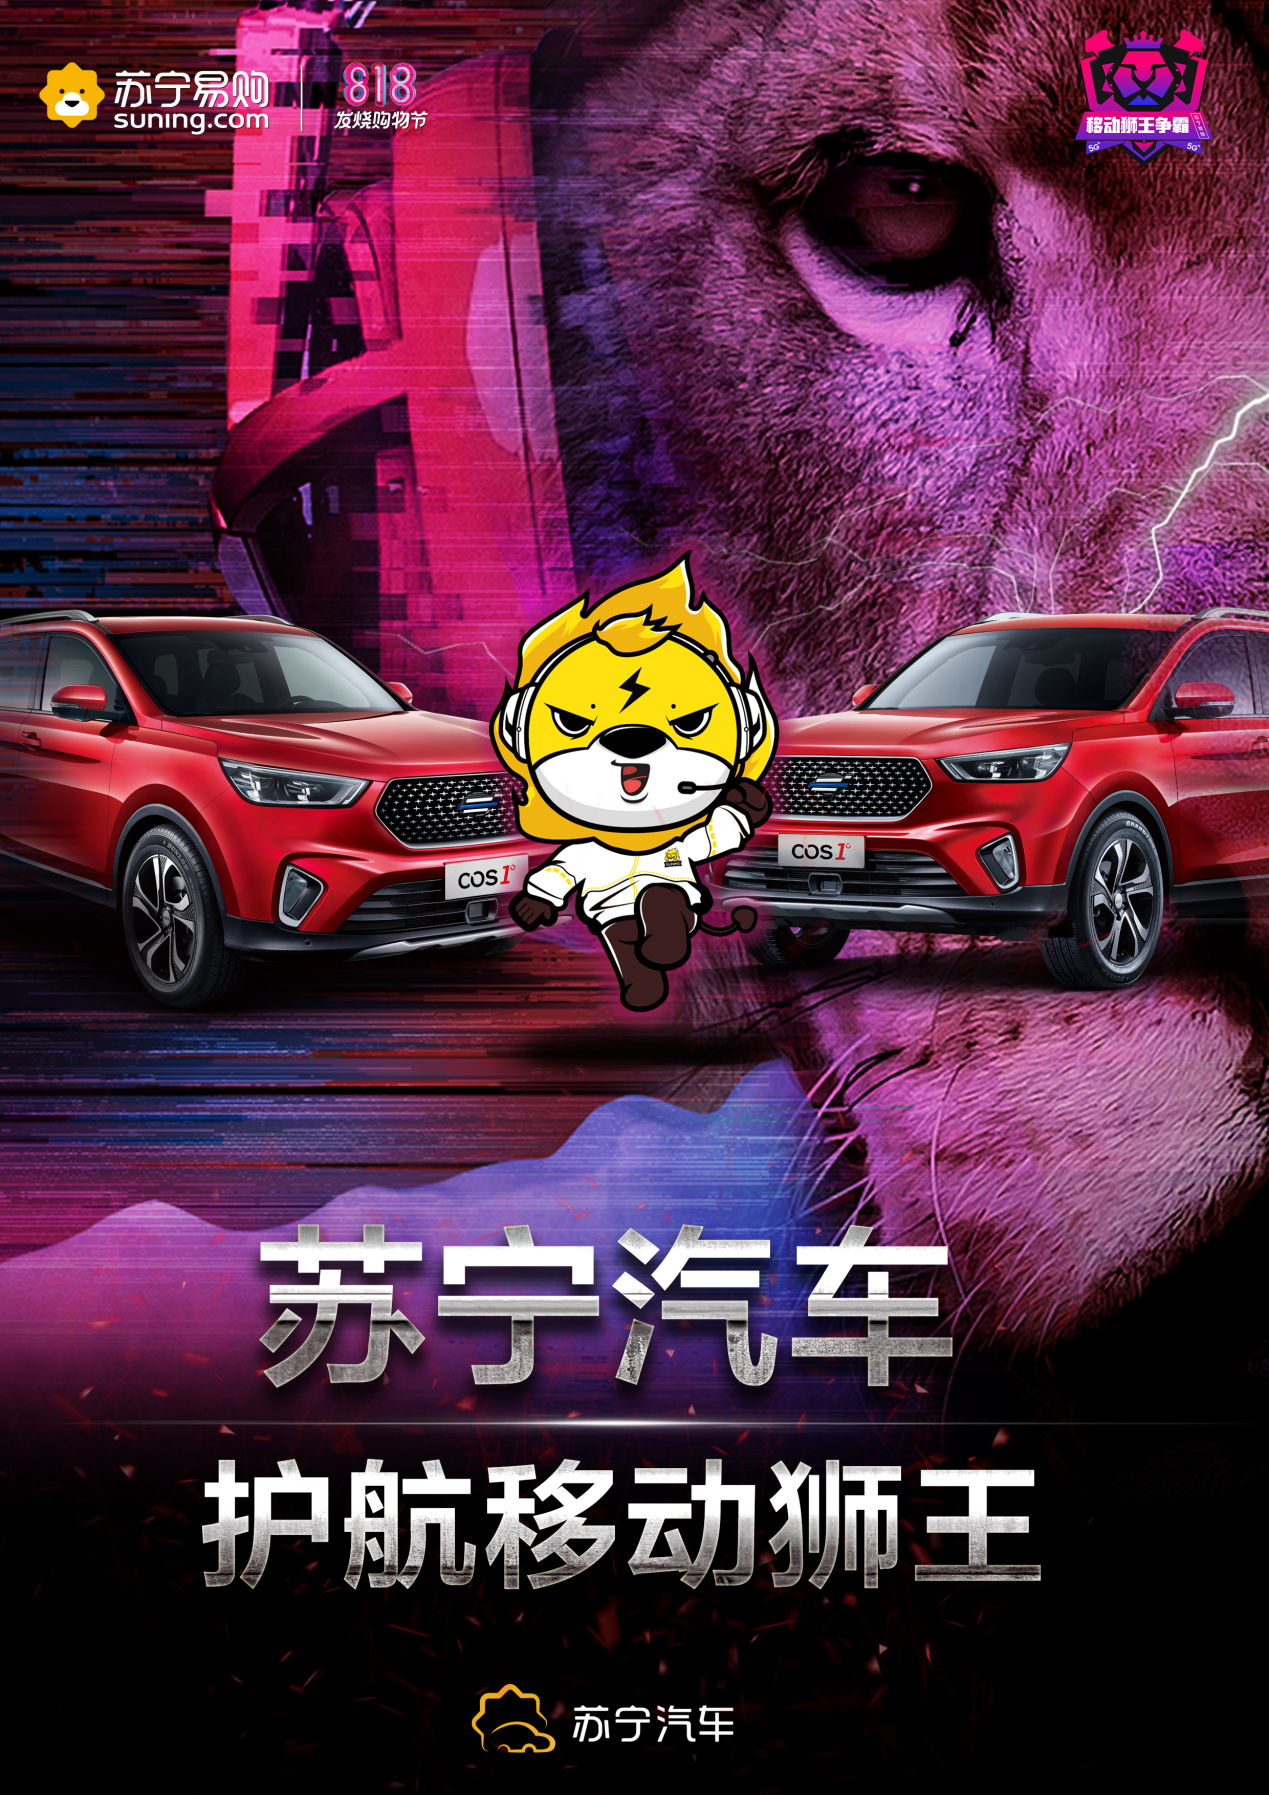 长安欧尚携斗鱼超人气主播,带来全新苏宁818移动狮王